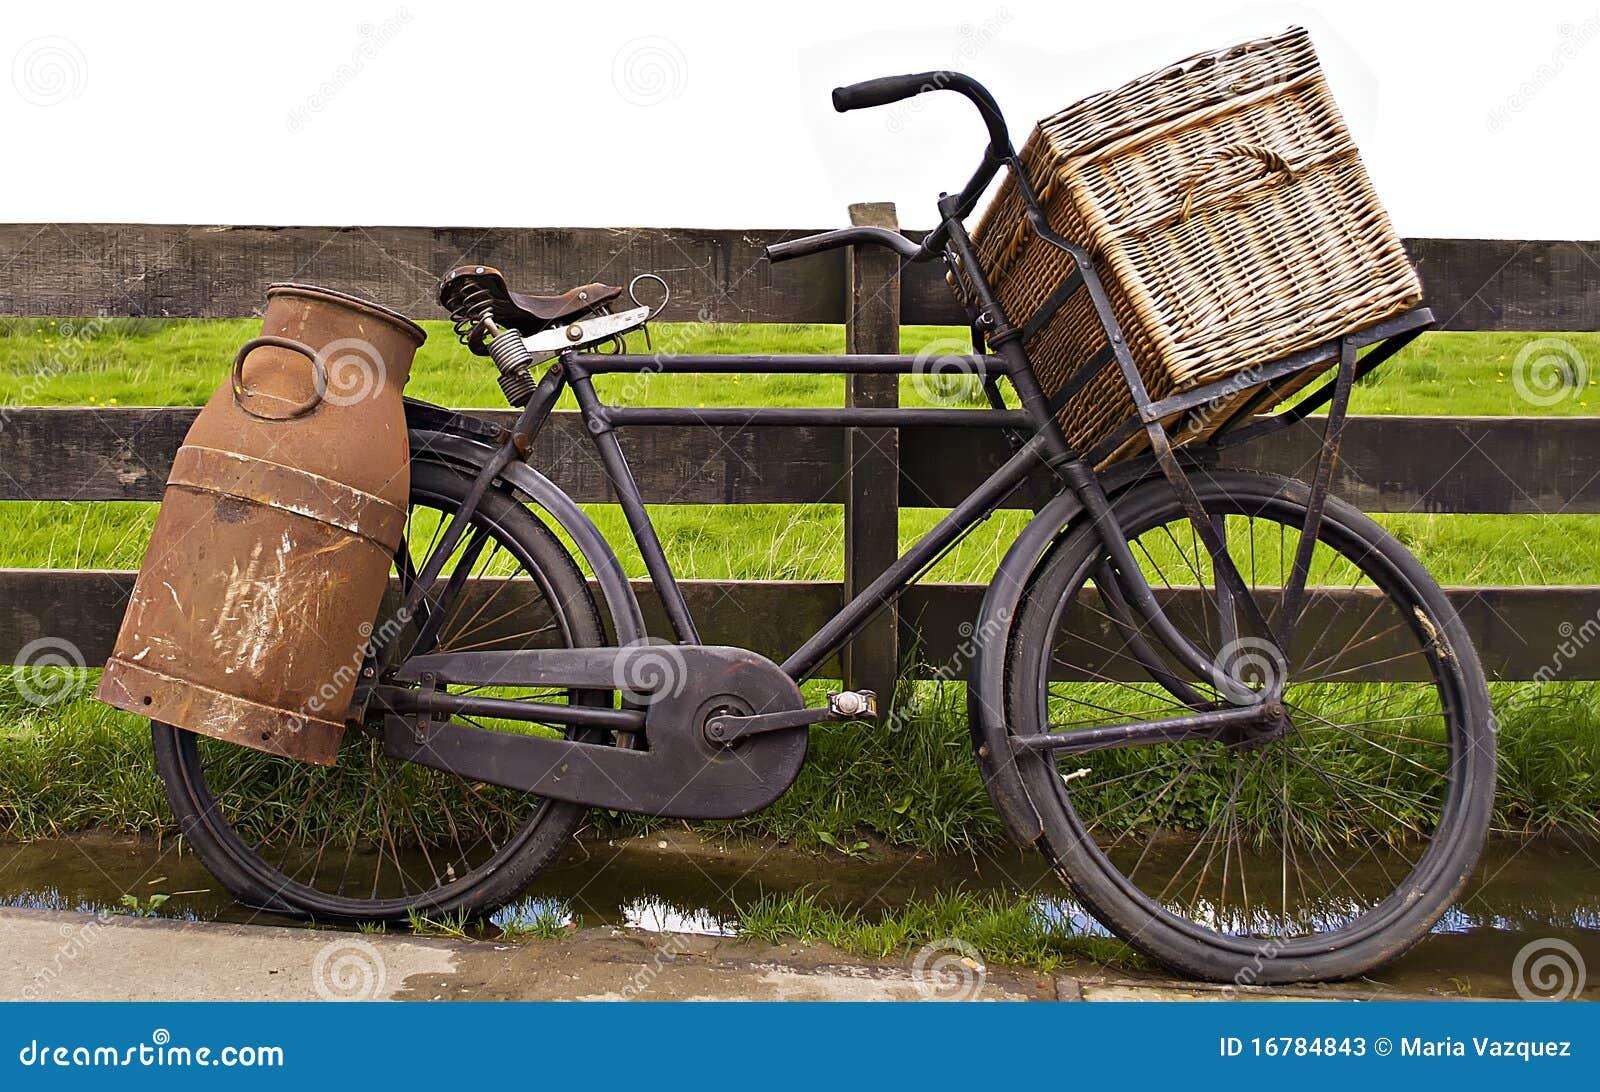 Tienda Online de Bicicletas Bicicletas Elctricas